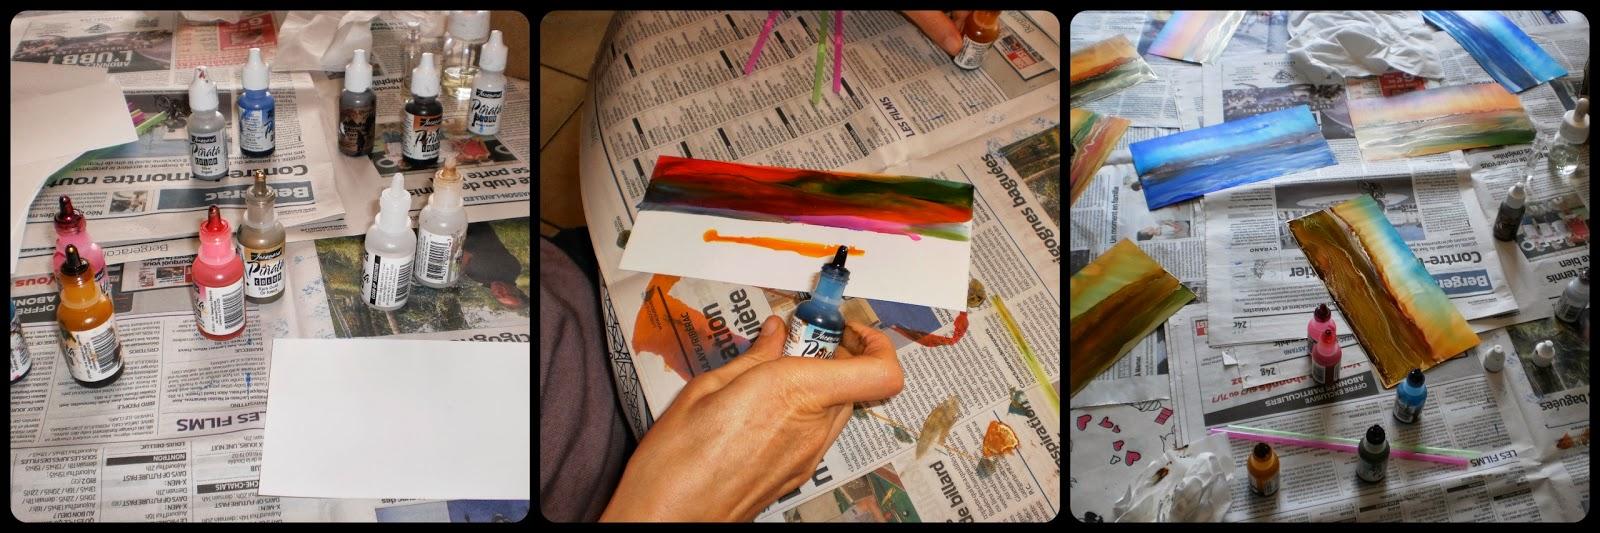 Kalender Familie Worte Hängen Diy Holz Kalender Kalendar Erinnerung Bord Plaque Home Decor Anhänger Bunte Ein GefüHl Der Leichtigkeit Und Energie Erzeugen